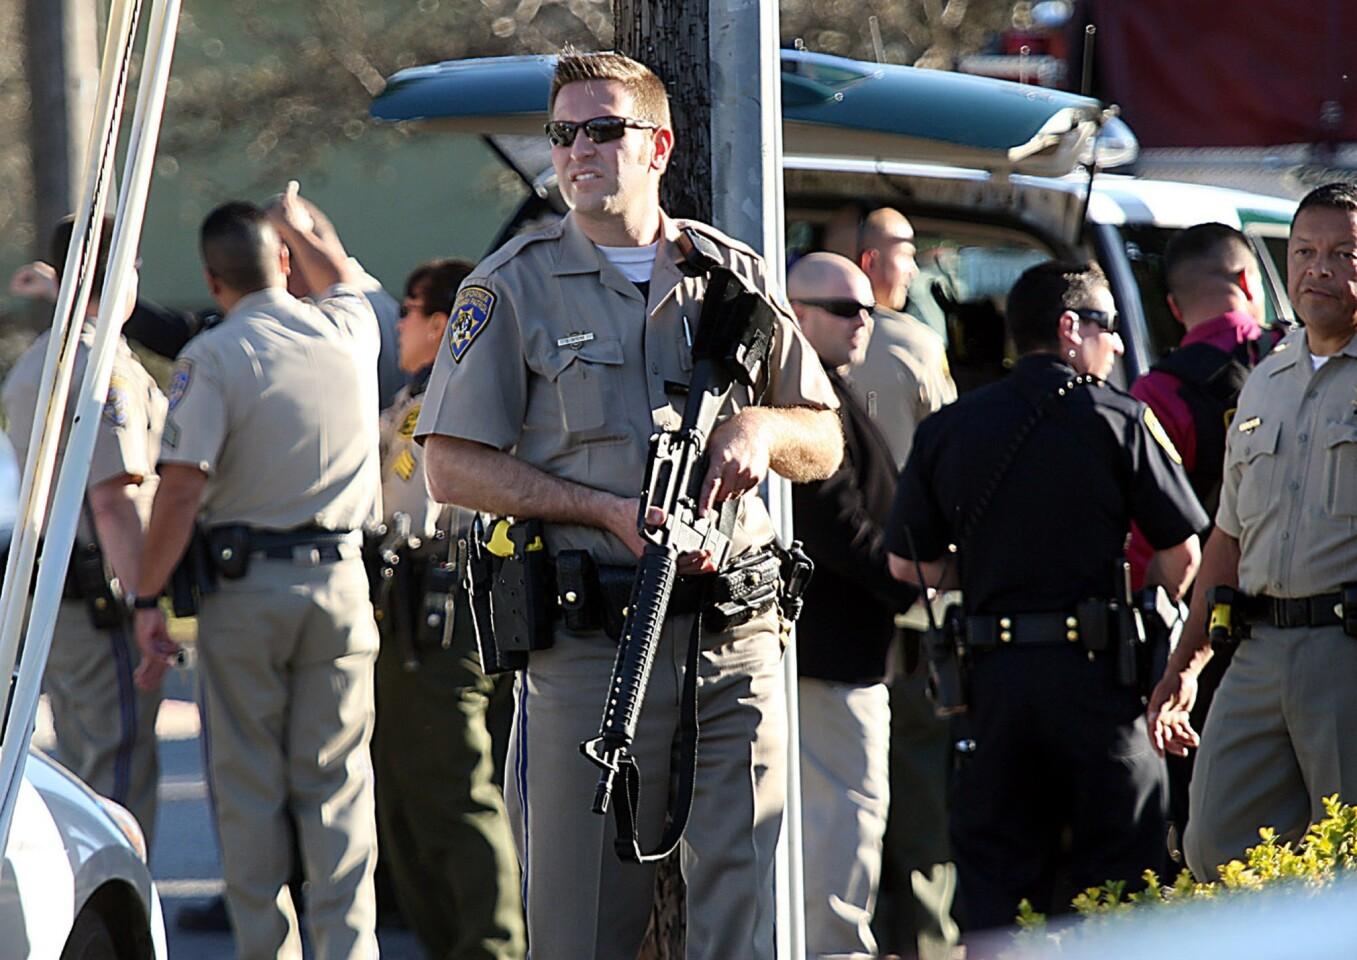 2013 shooting of Santa Cruz police officers